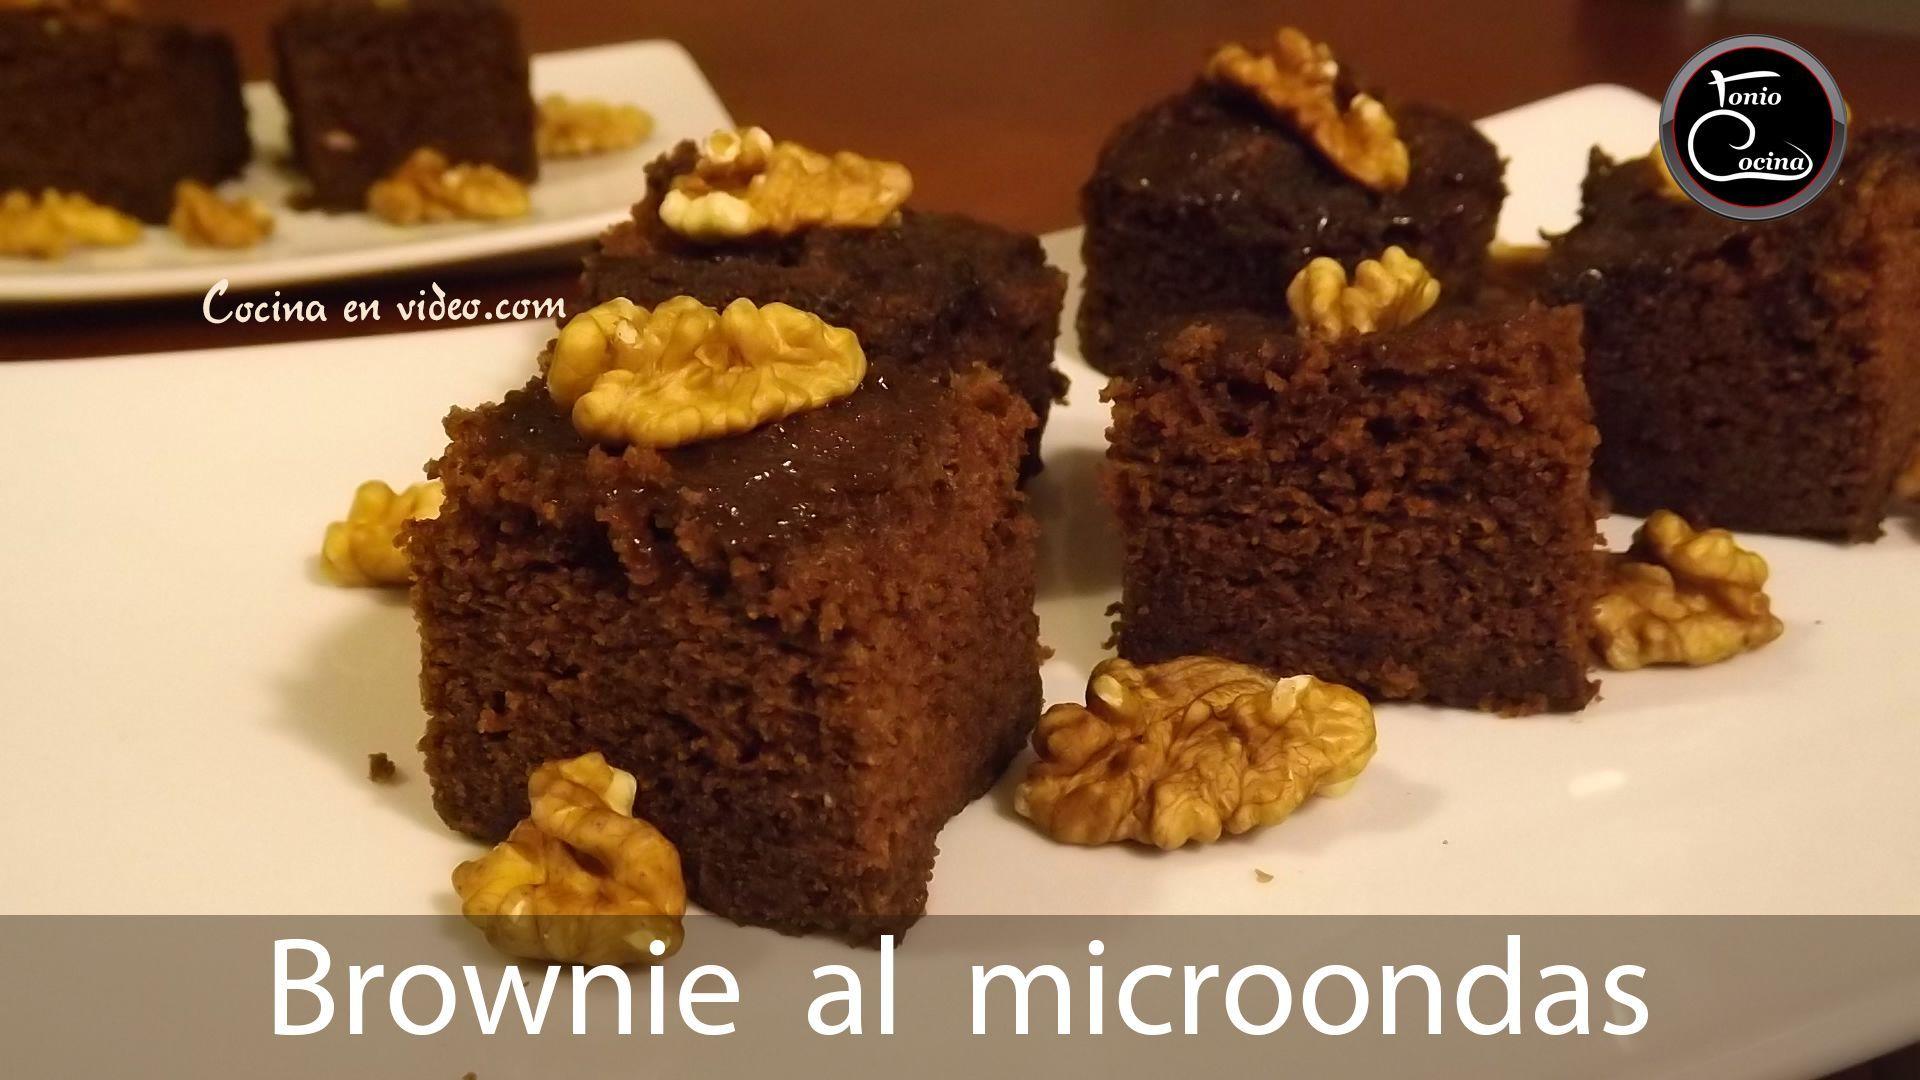 Brownie de chocolate en microondas cocina en video for Cocina al microondas